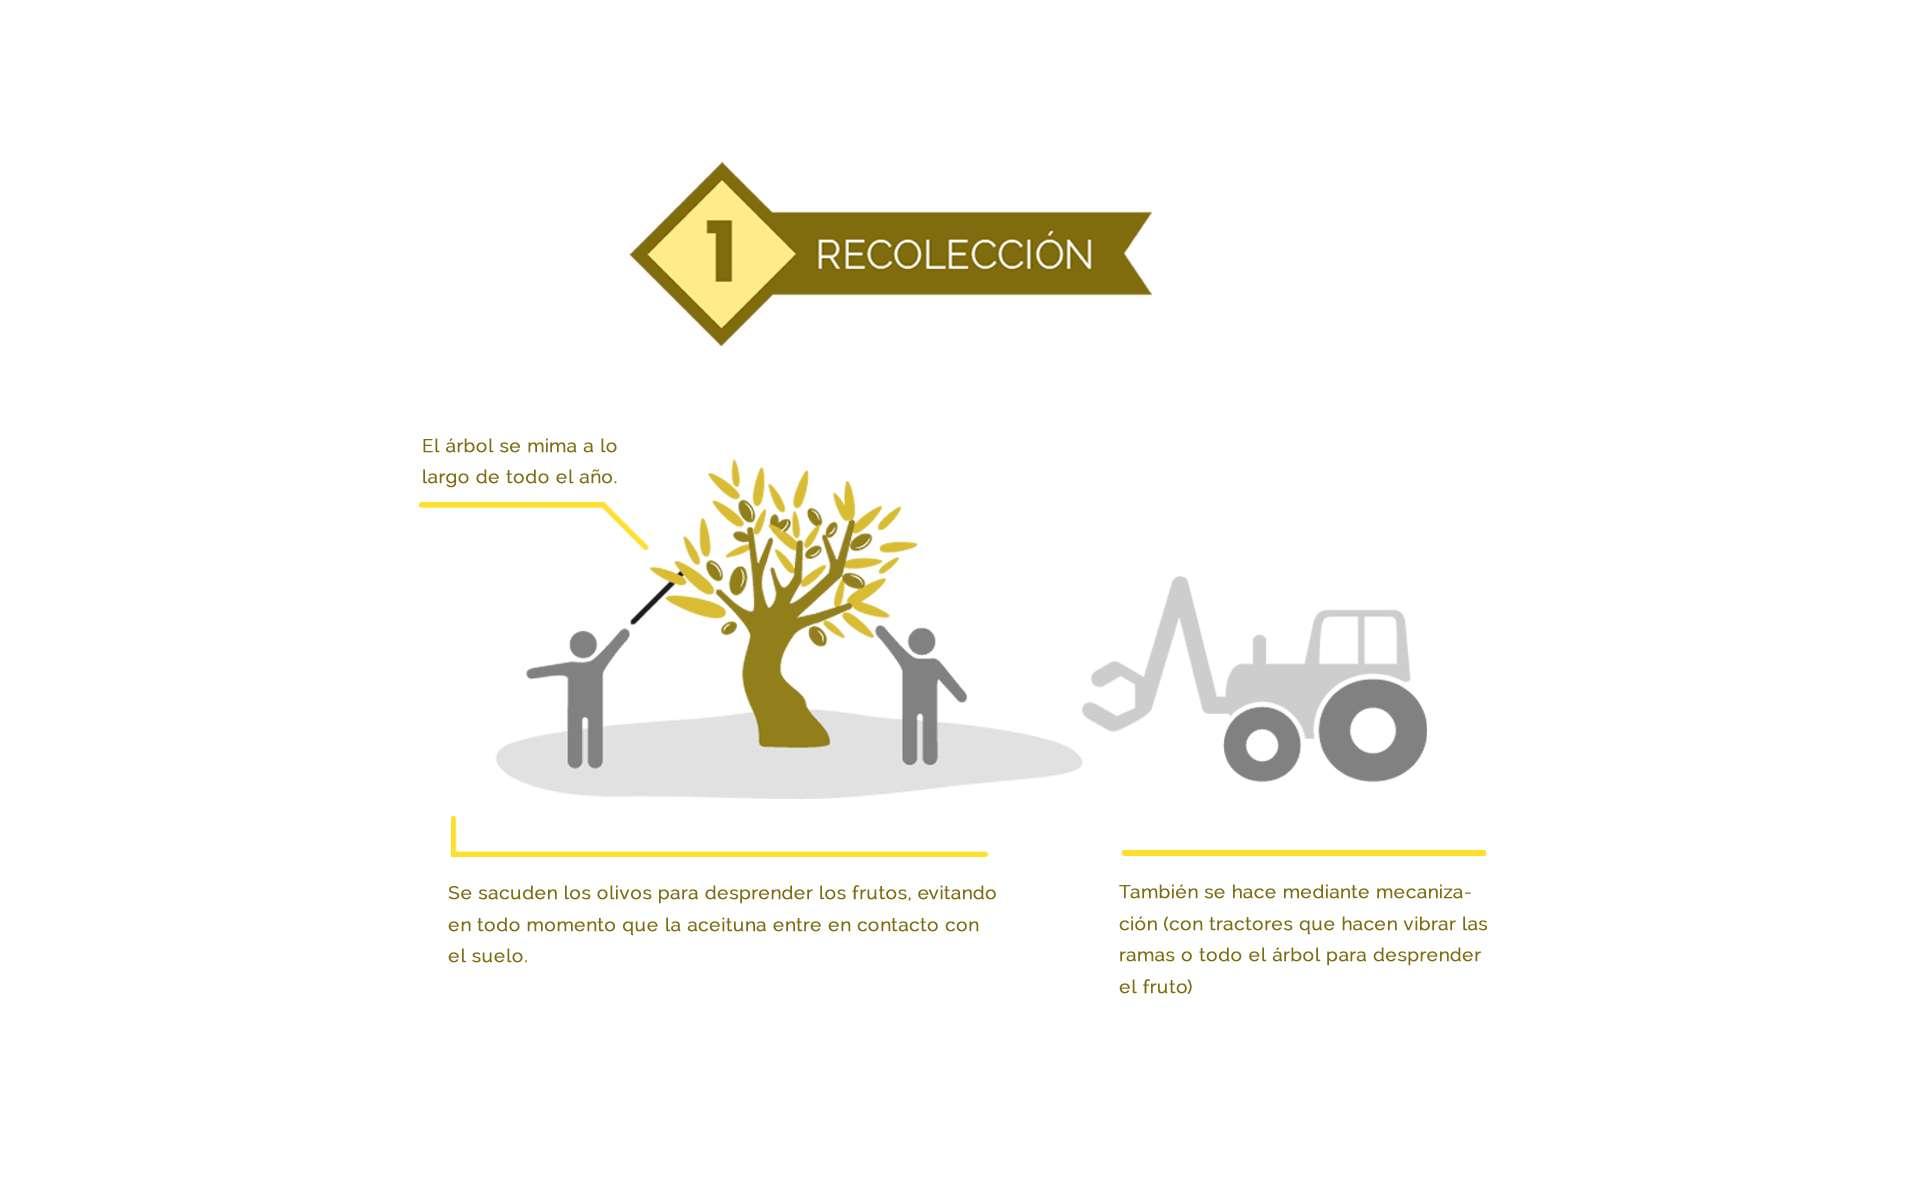 recolección del aceite de oliva